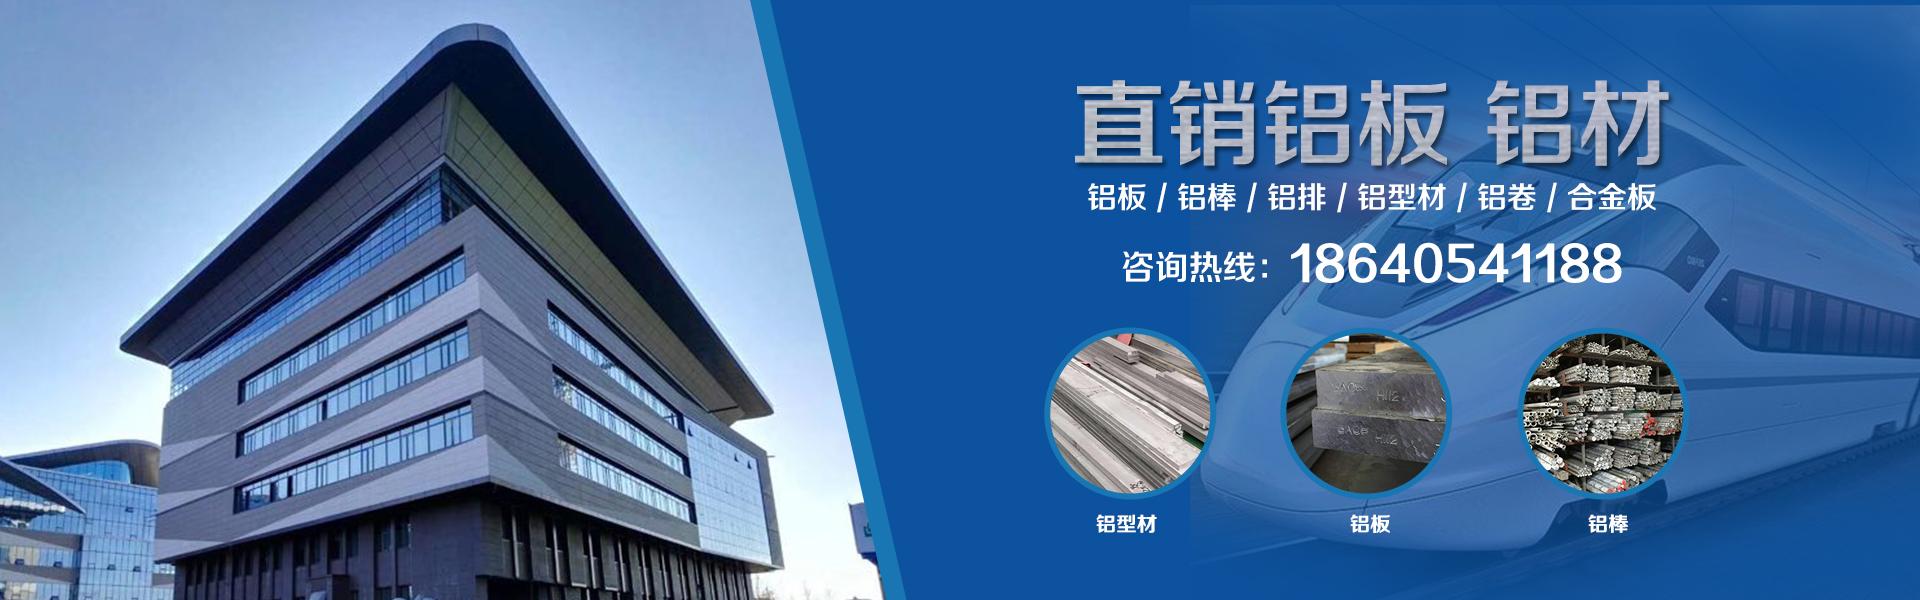 沈阳铝板 沈阳合金铝板 沈阳花纹铝板 沈阳铝棒 沈阳铝型材